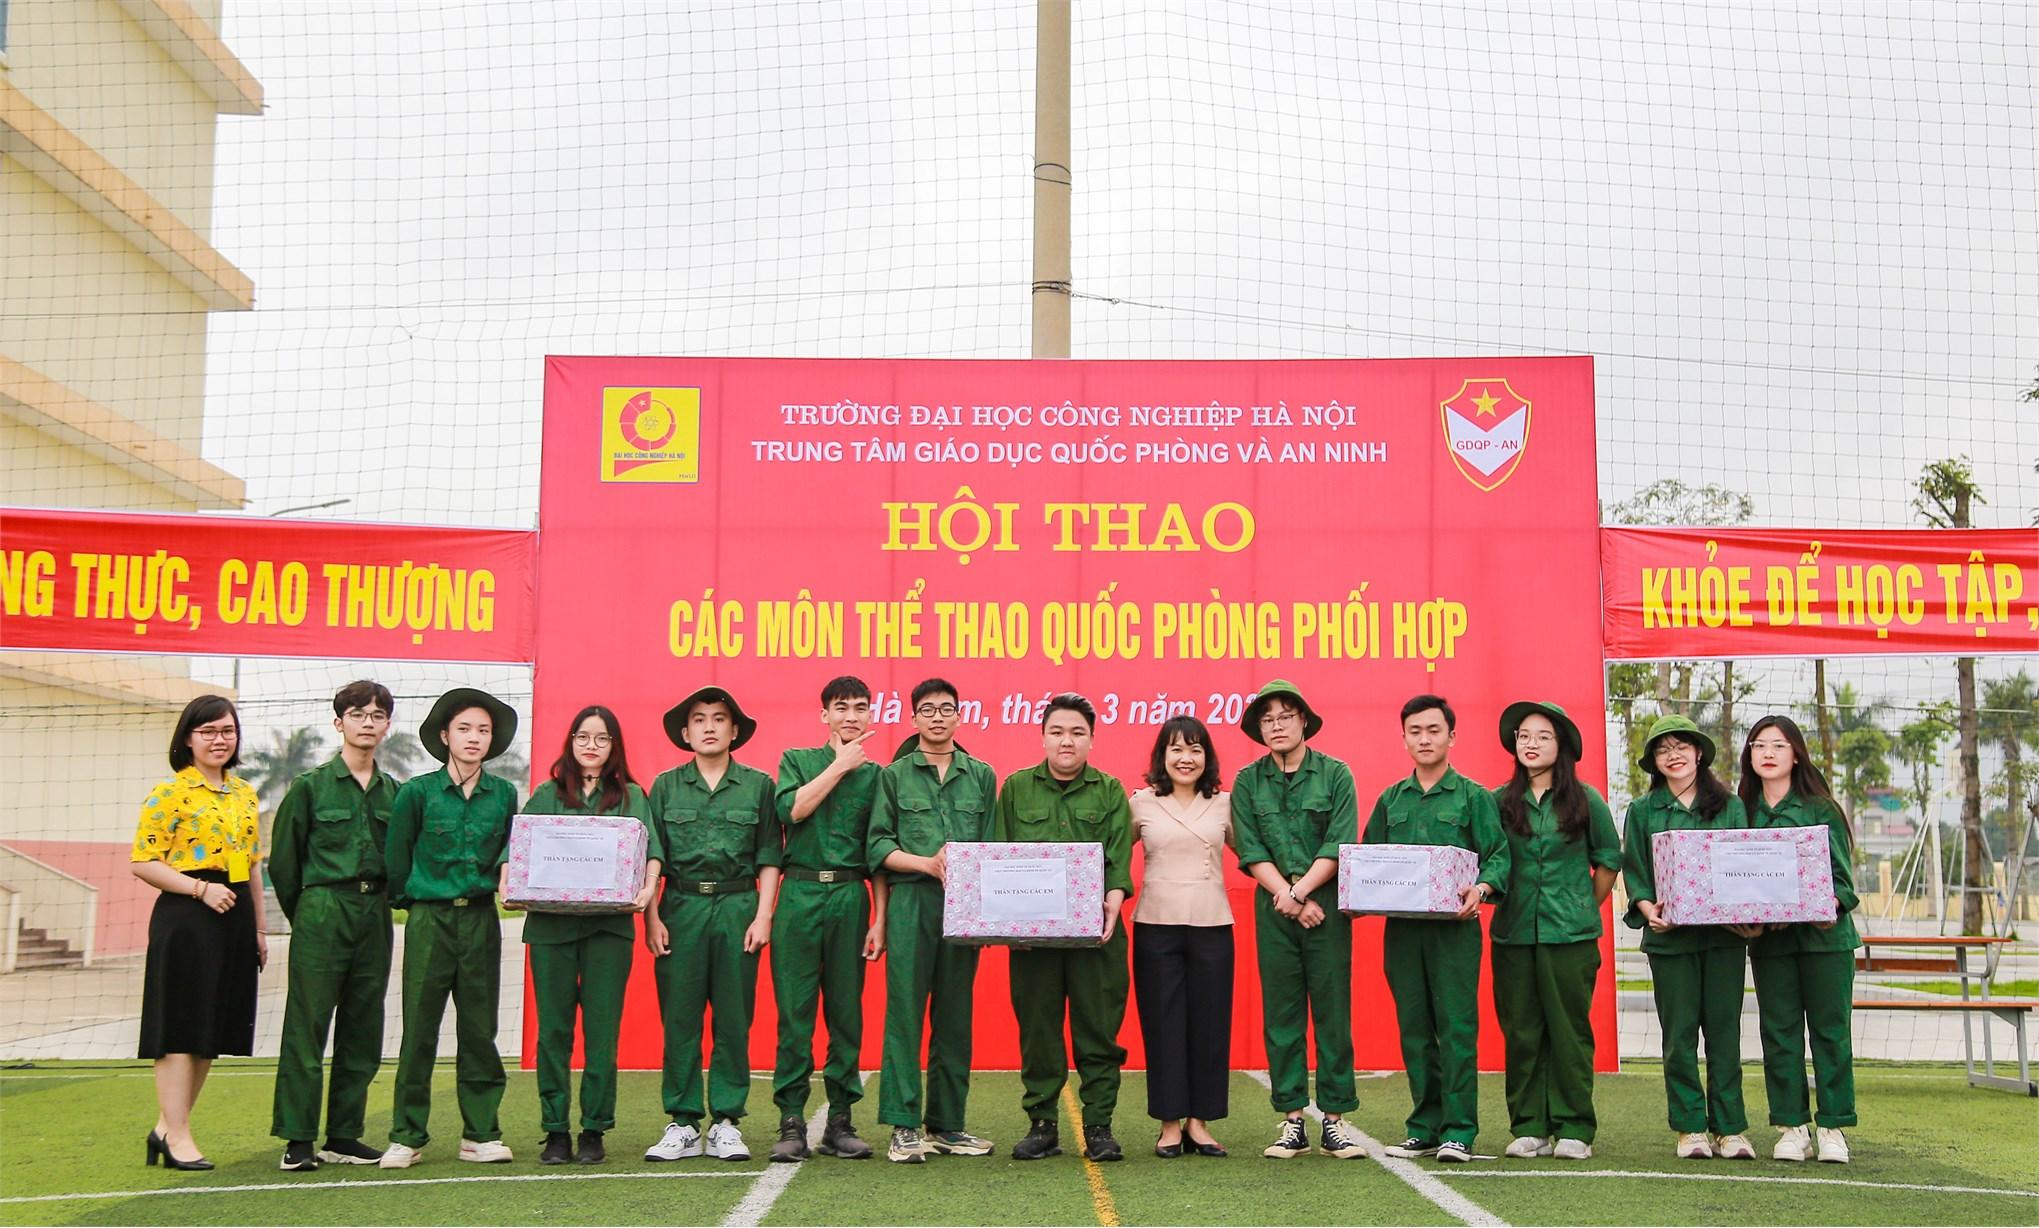 Hội thao các môn thể thao quốc phòng phối hợp sinh viên K62 Trường Đại học Kinh tế Quốc dân (Đợt 1, năm học 2020-2021) học Giáo dục Quốc phòng và An ninh tại Trung tâm